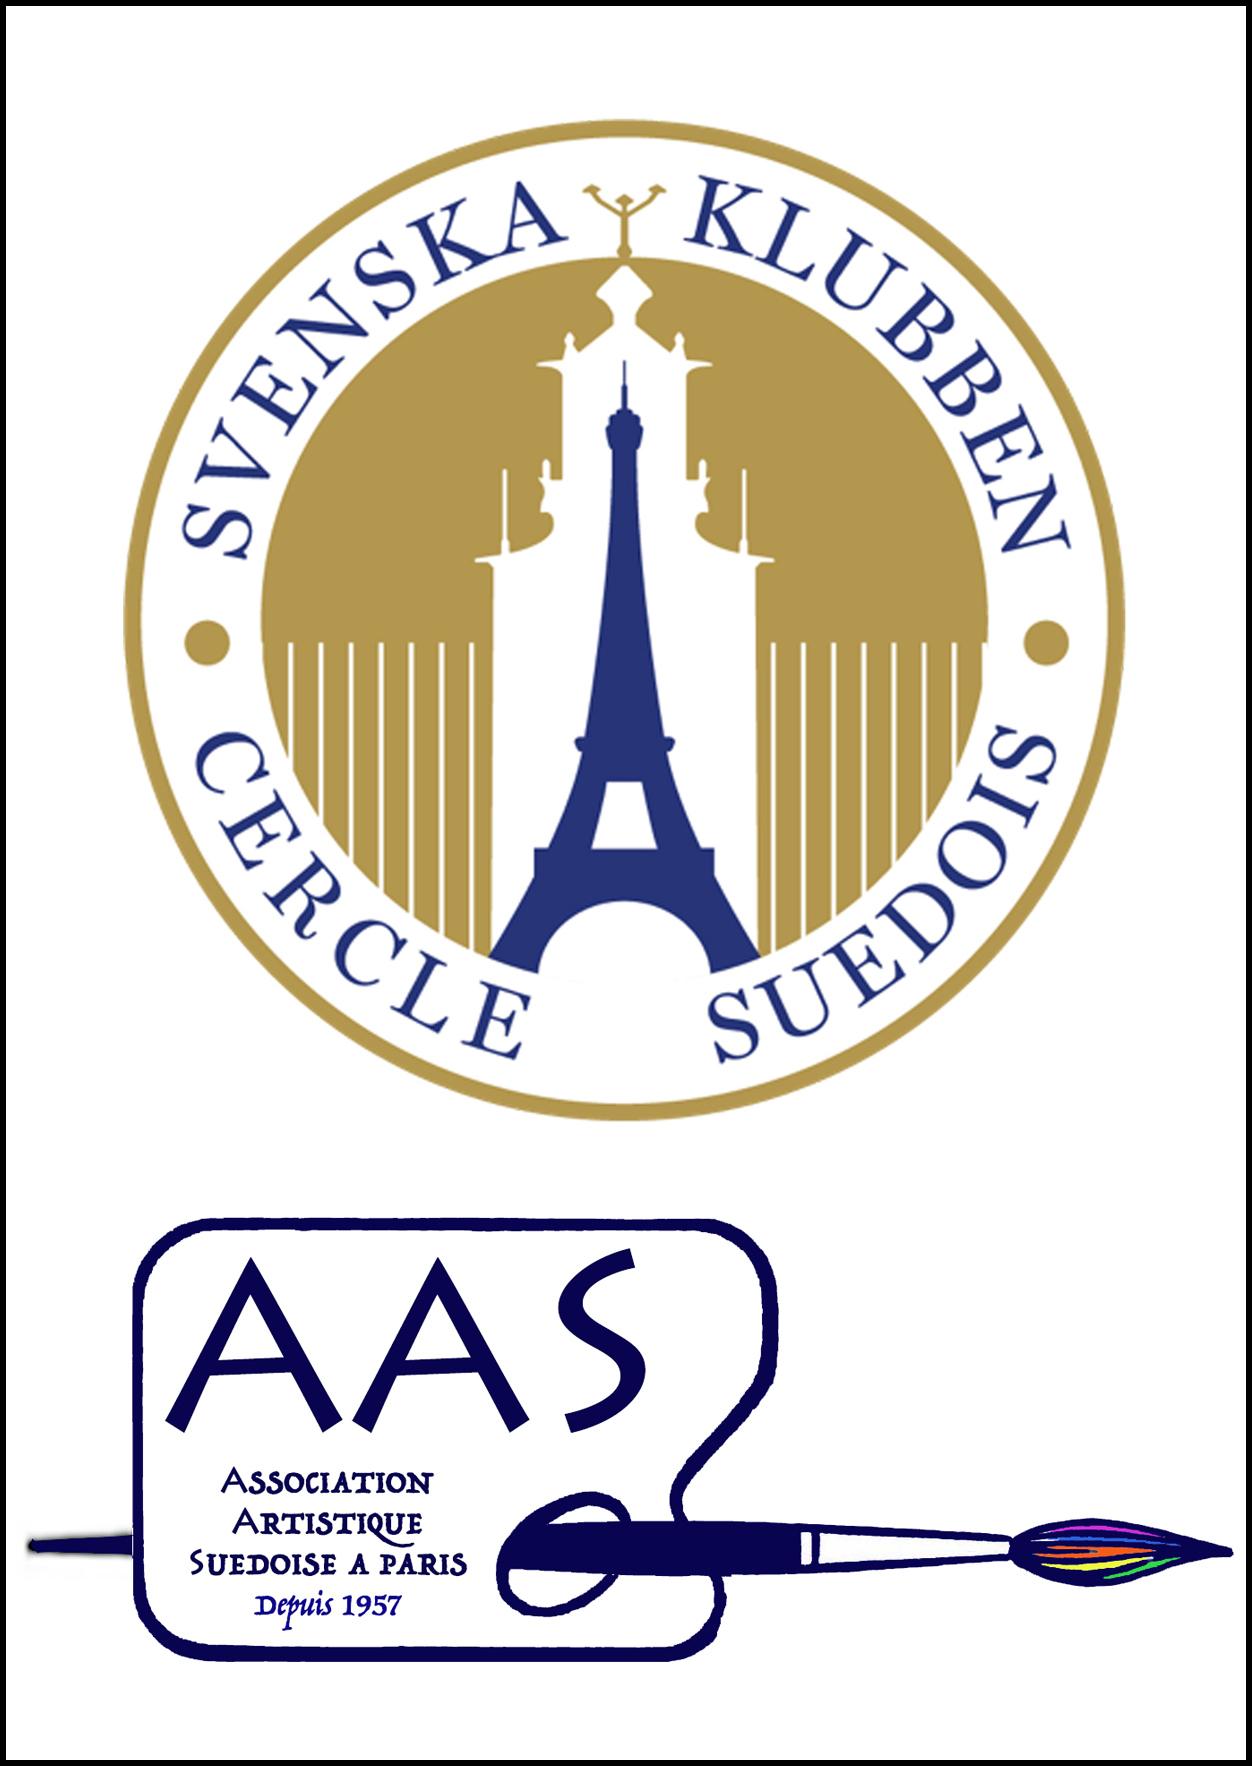 CERCLE SUEDOIS - PARIS, FRANCEExpo: 24/05/2012 - 14/06/2012Vernissage: 24/05/2012 (18h00-21h00)